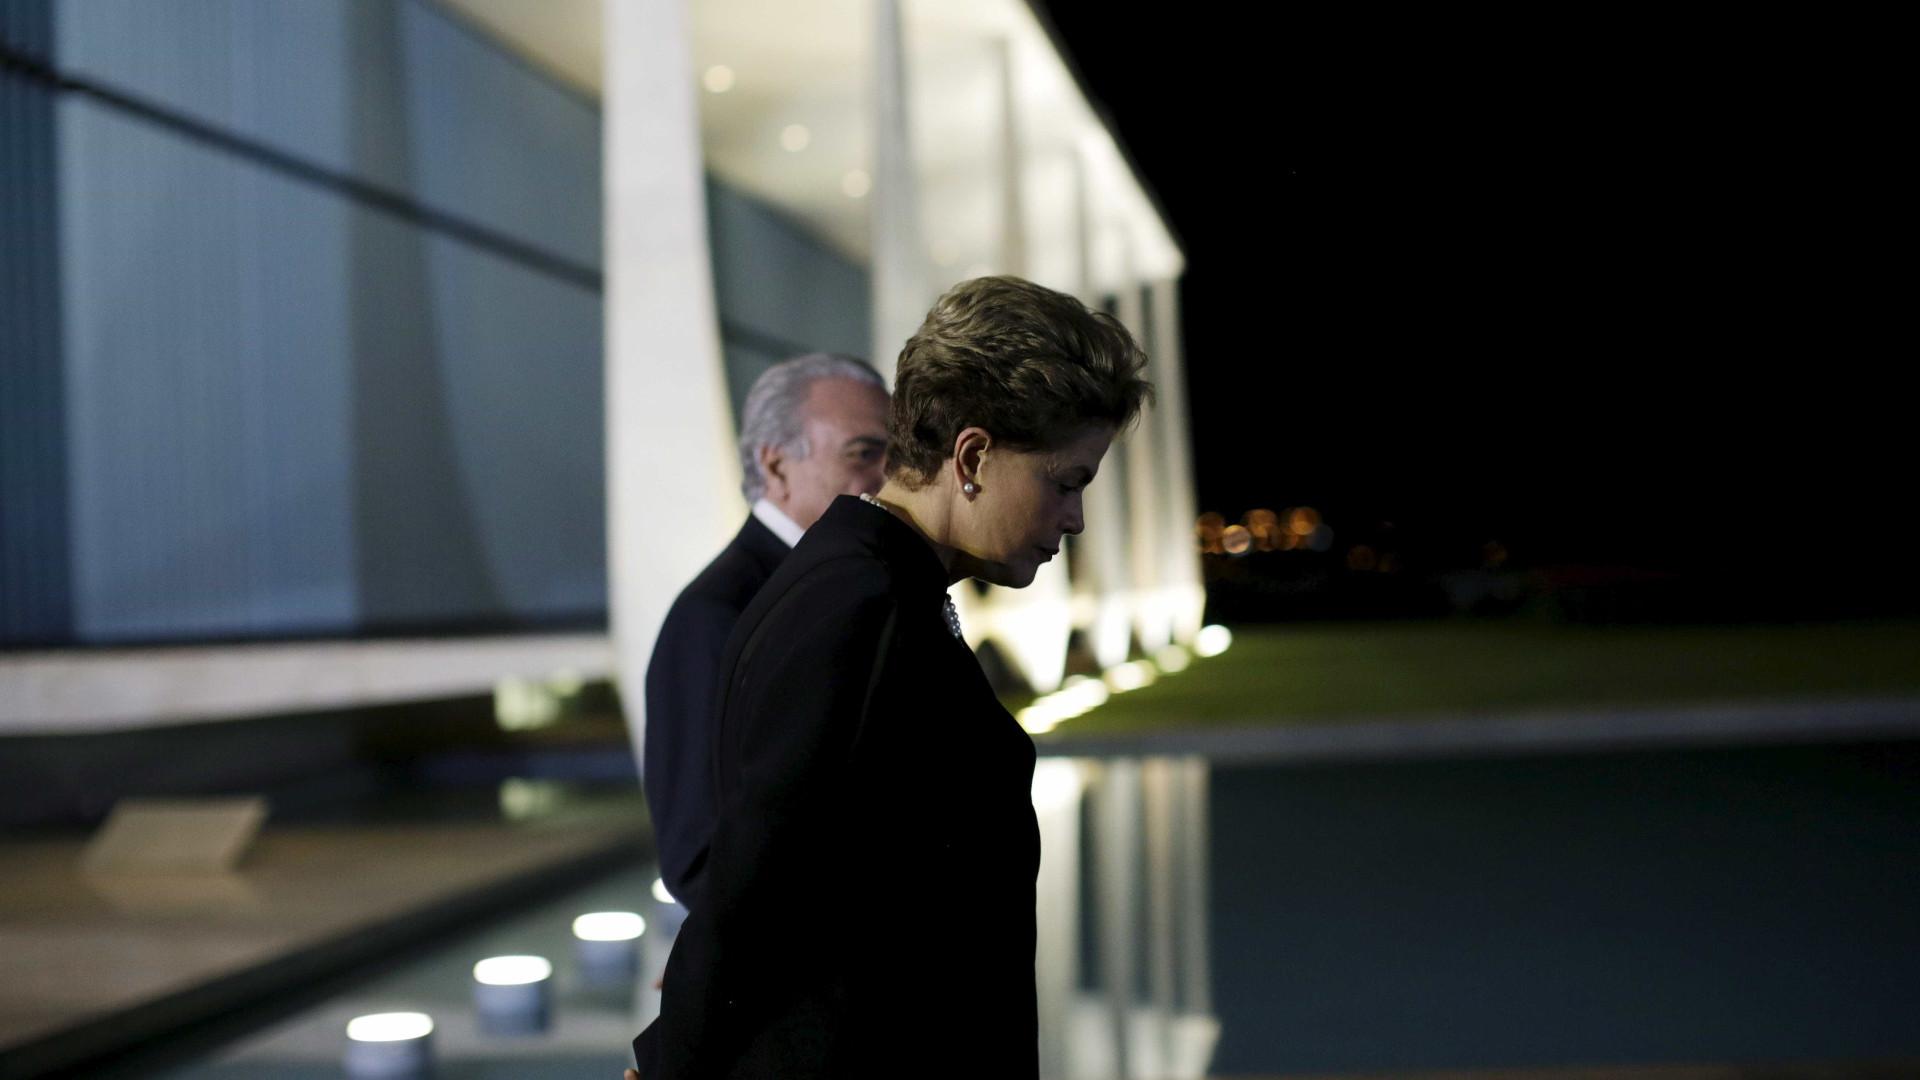 Planalto não tem câmeras de vigilância desde 2009, diz ministro